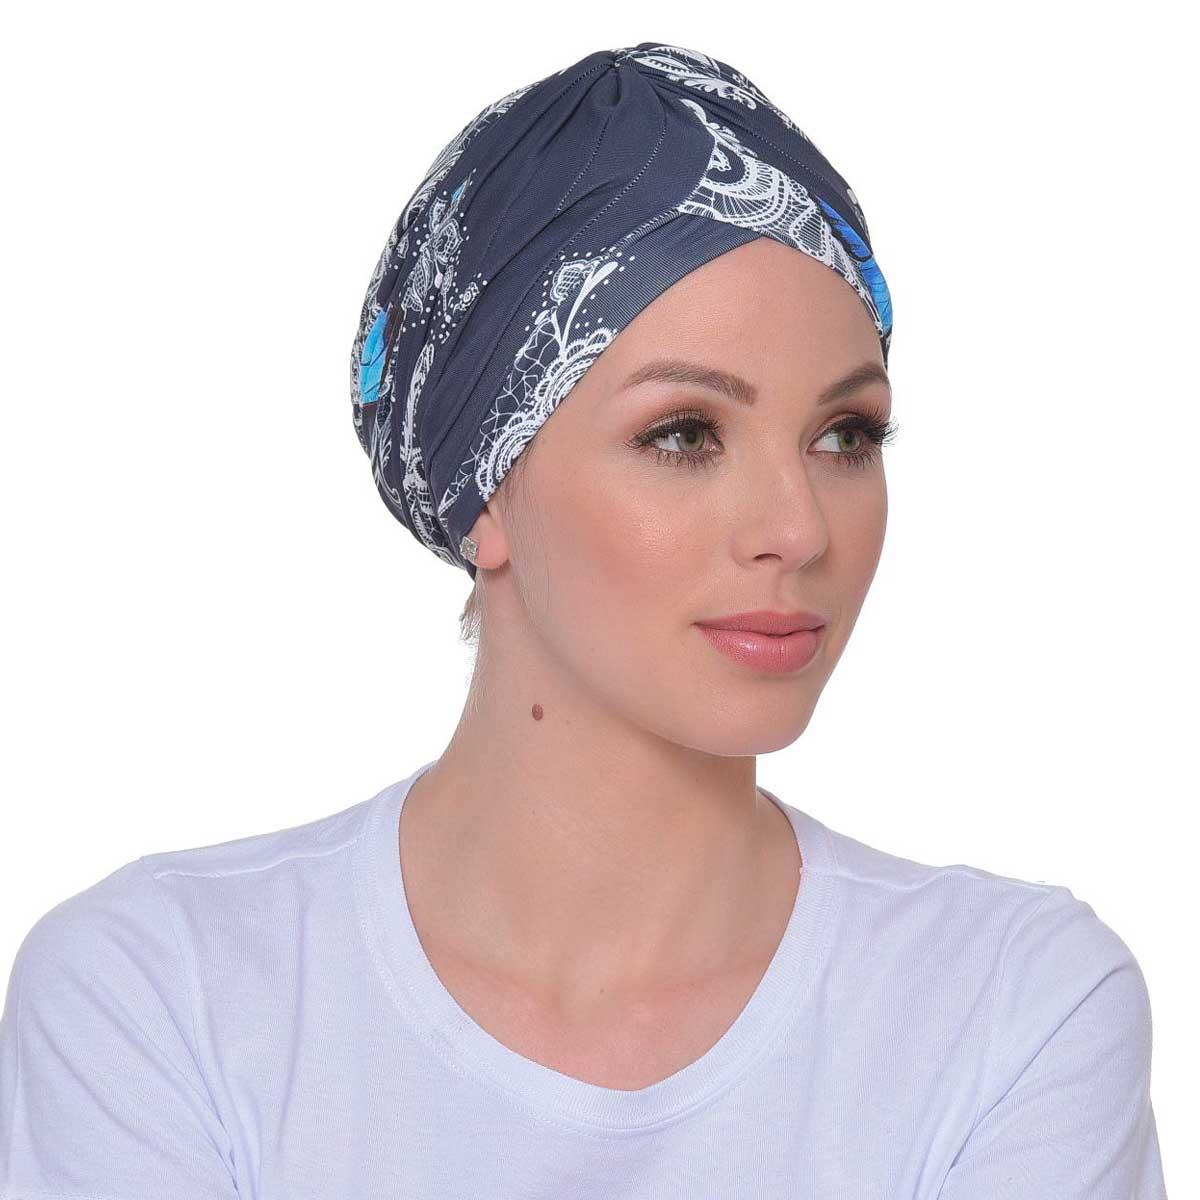 Turbante Feminino Drapeado Estampa Borboleta